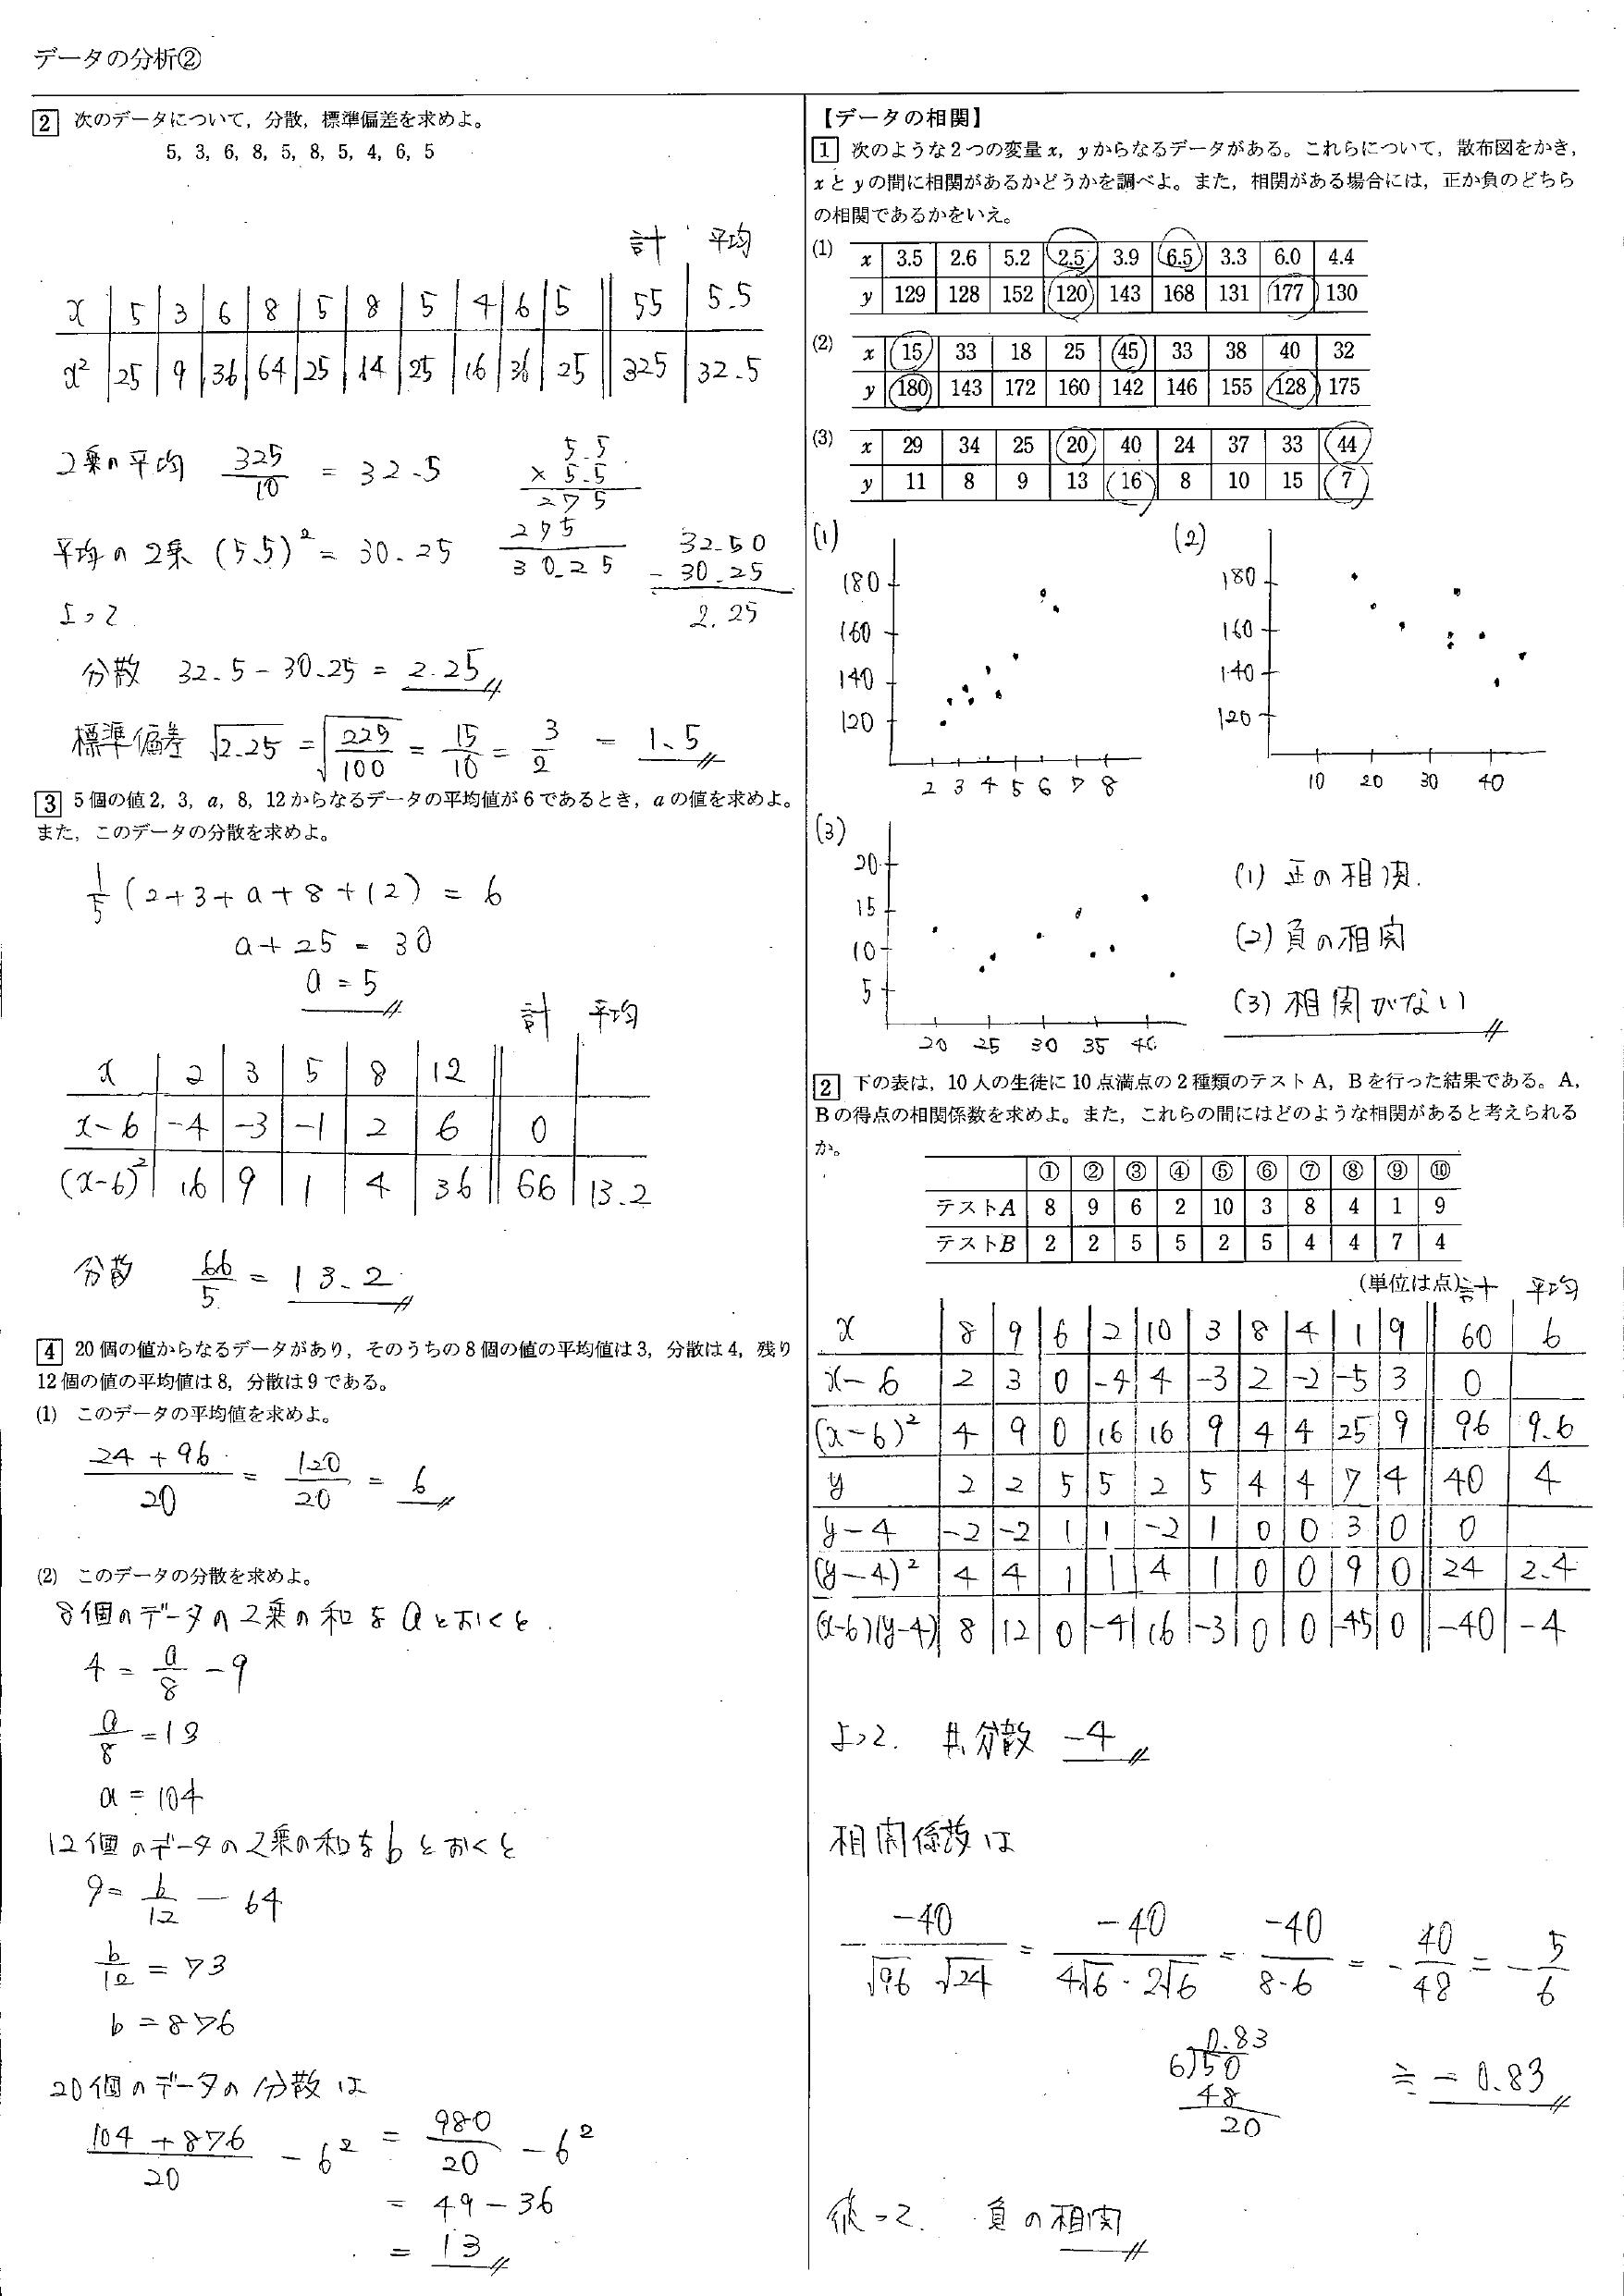 データの分析 教科書 まとめ 一覧 問題 解答